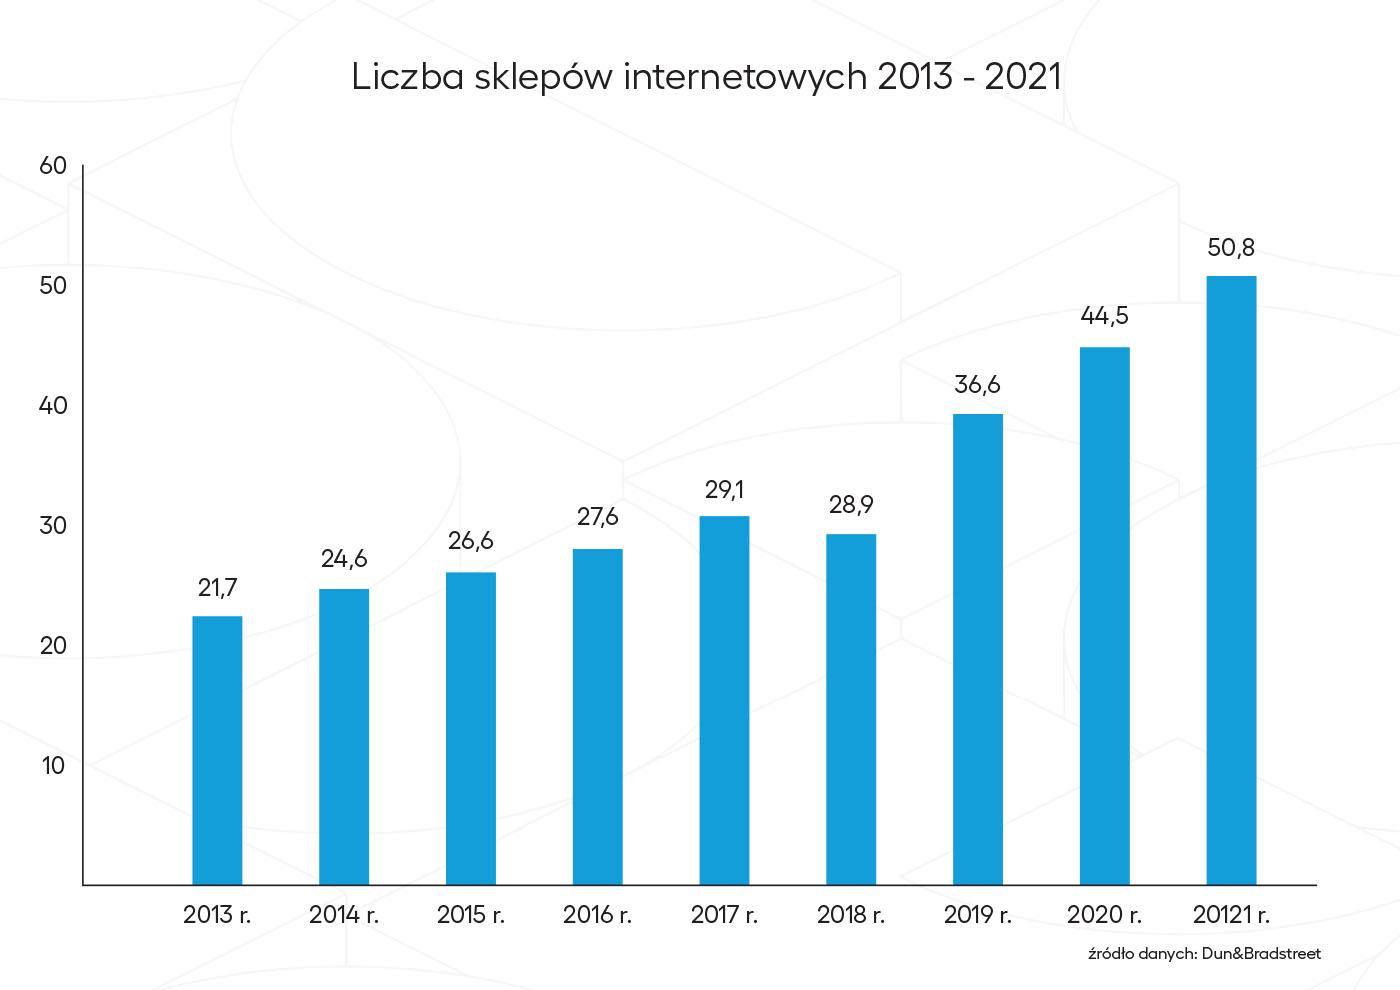 liczba e-sklepów zarejestrowanych w Polsce